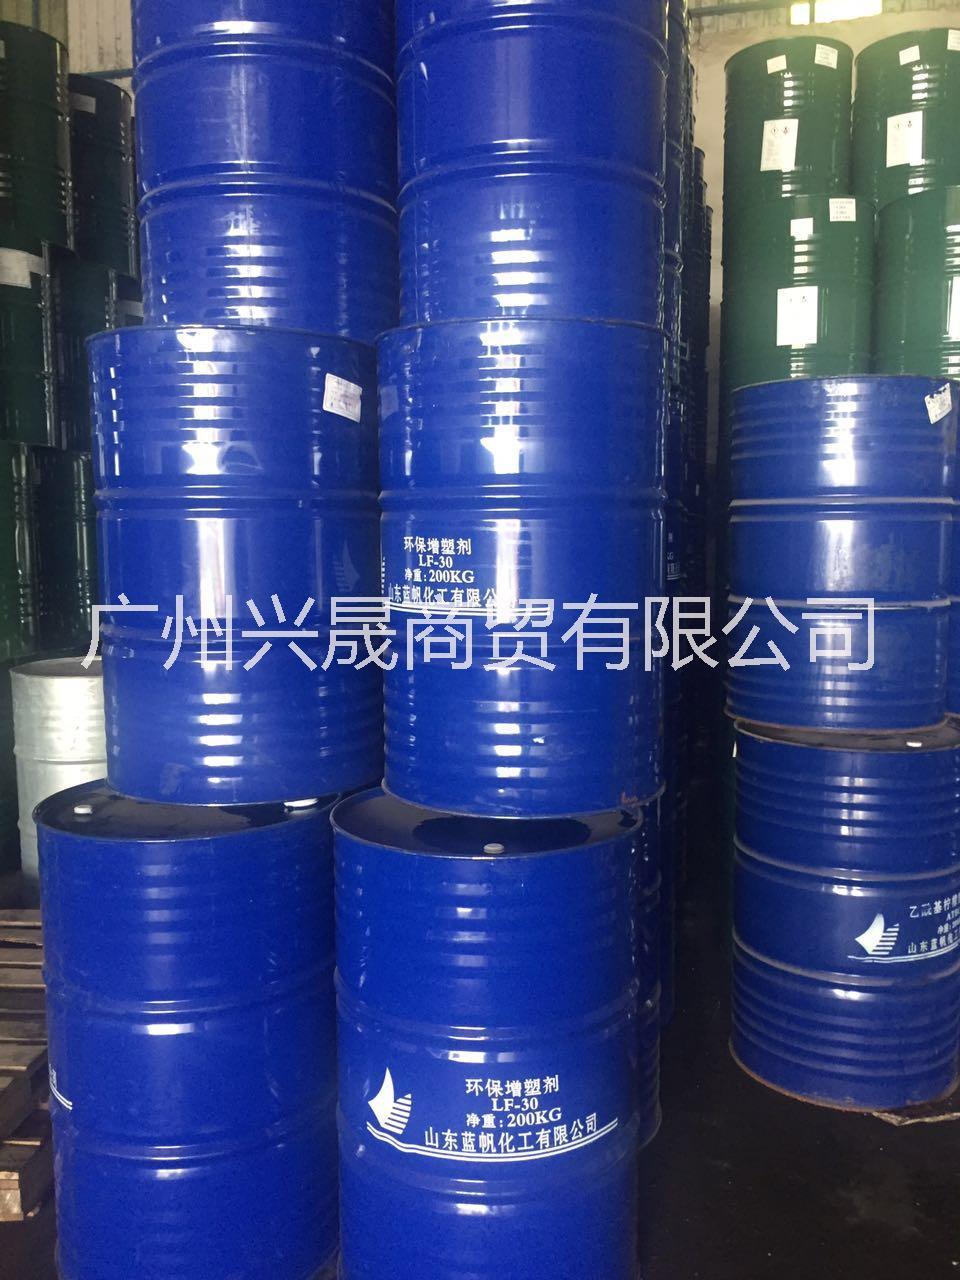 长期供应齐鲁 环保增塑剂 对苯二甲酸二辛酯 LF-30 DOTP